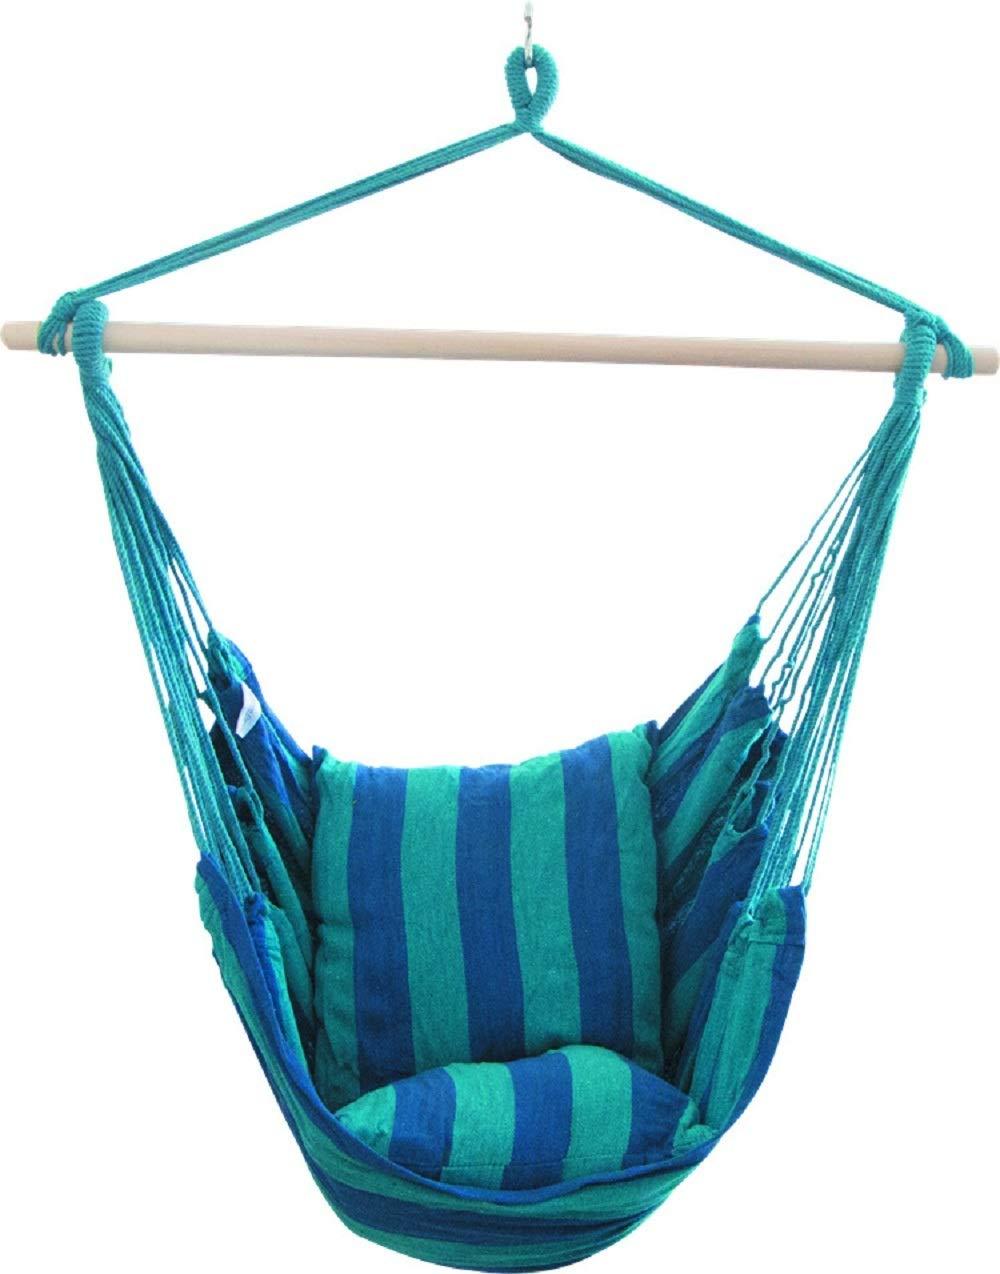 Hejiahuanle comfort a righe amaca, amaca corda altalena appesa set Garden Outdoor altalena sedia con seduta imbottita–max 150kg